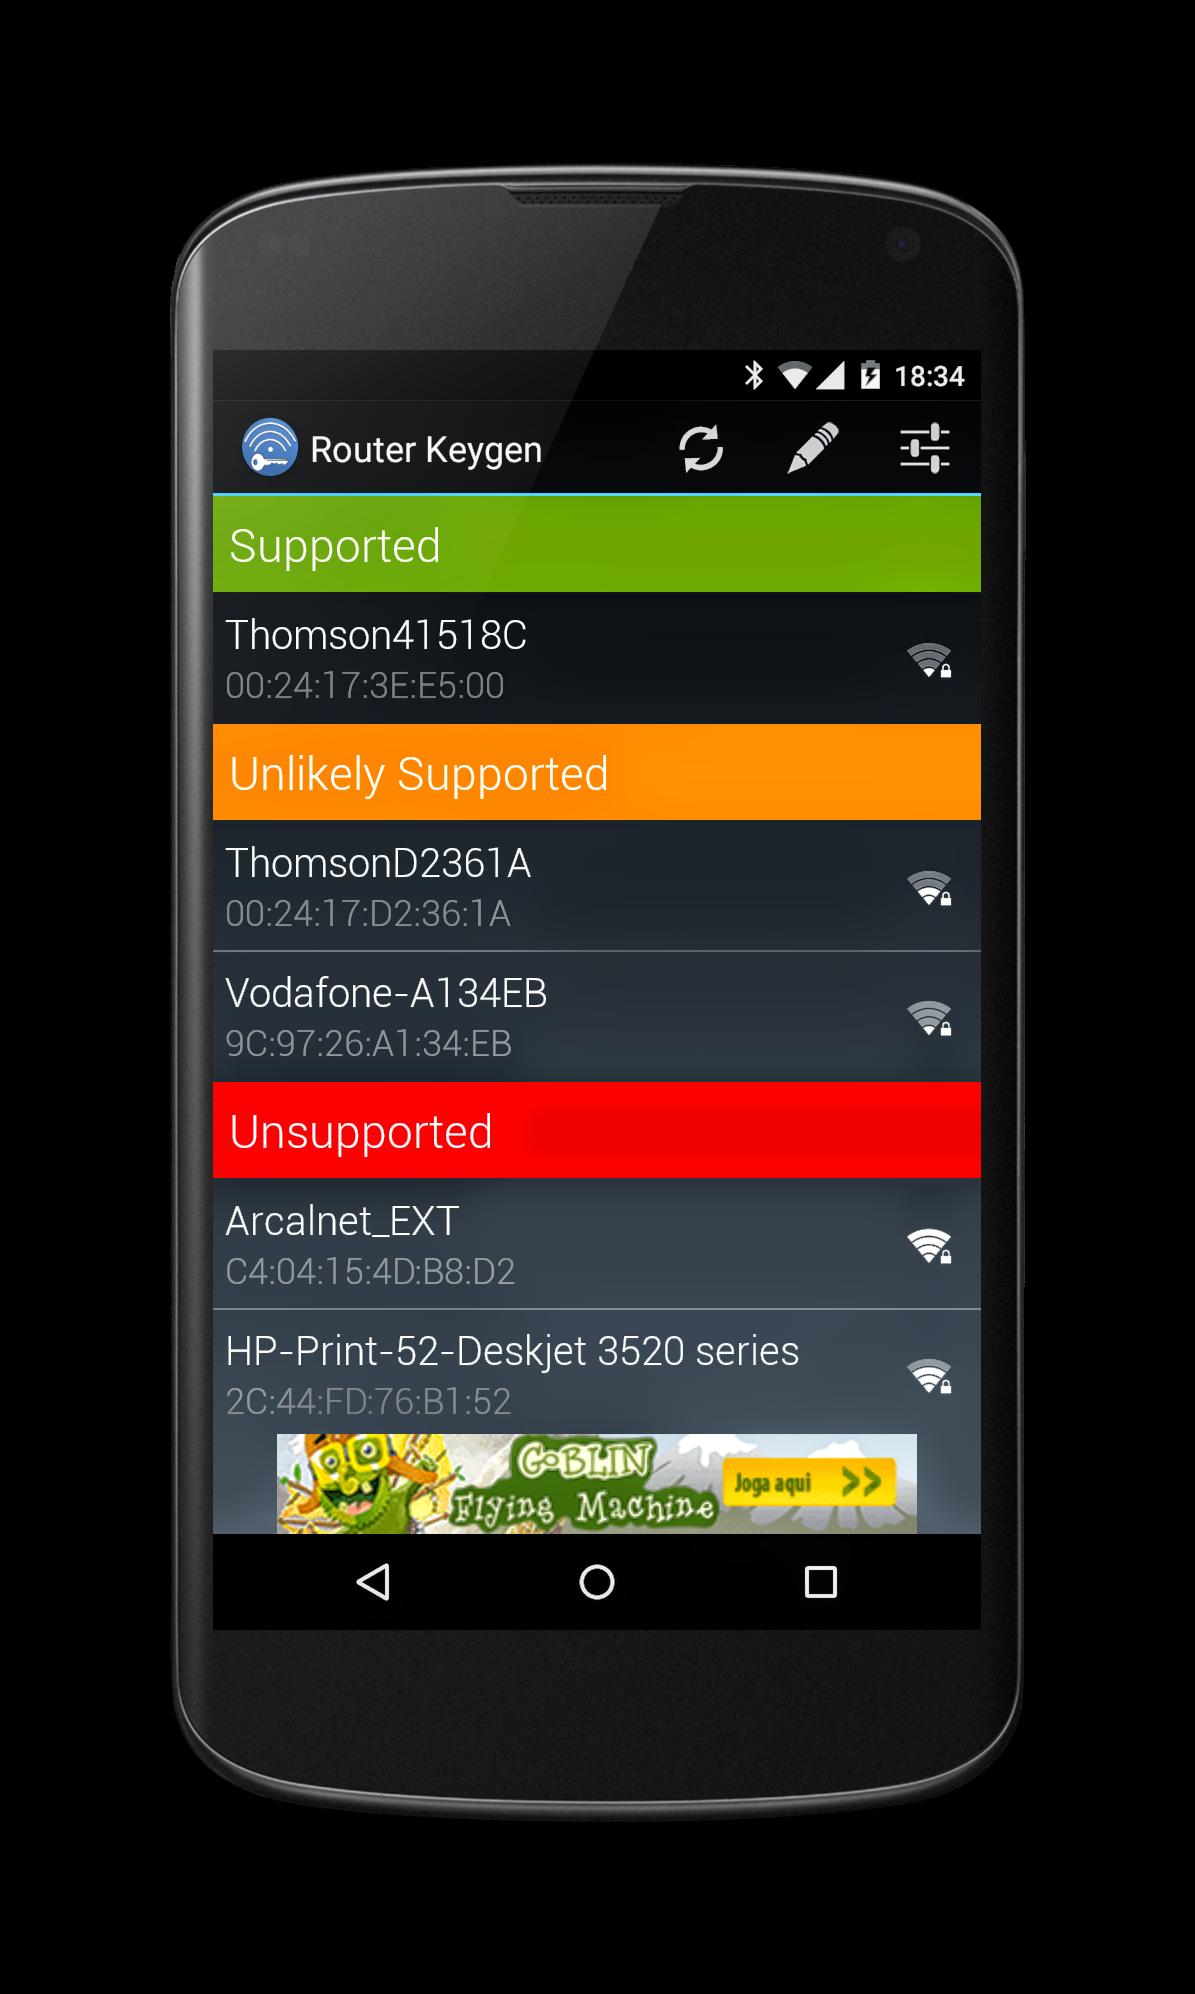 Descifrar claves wifi wpa desde Android y sin root en 2019, tutorial para redes WPA, WPA2-PSK y WEP